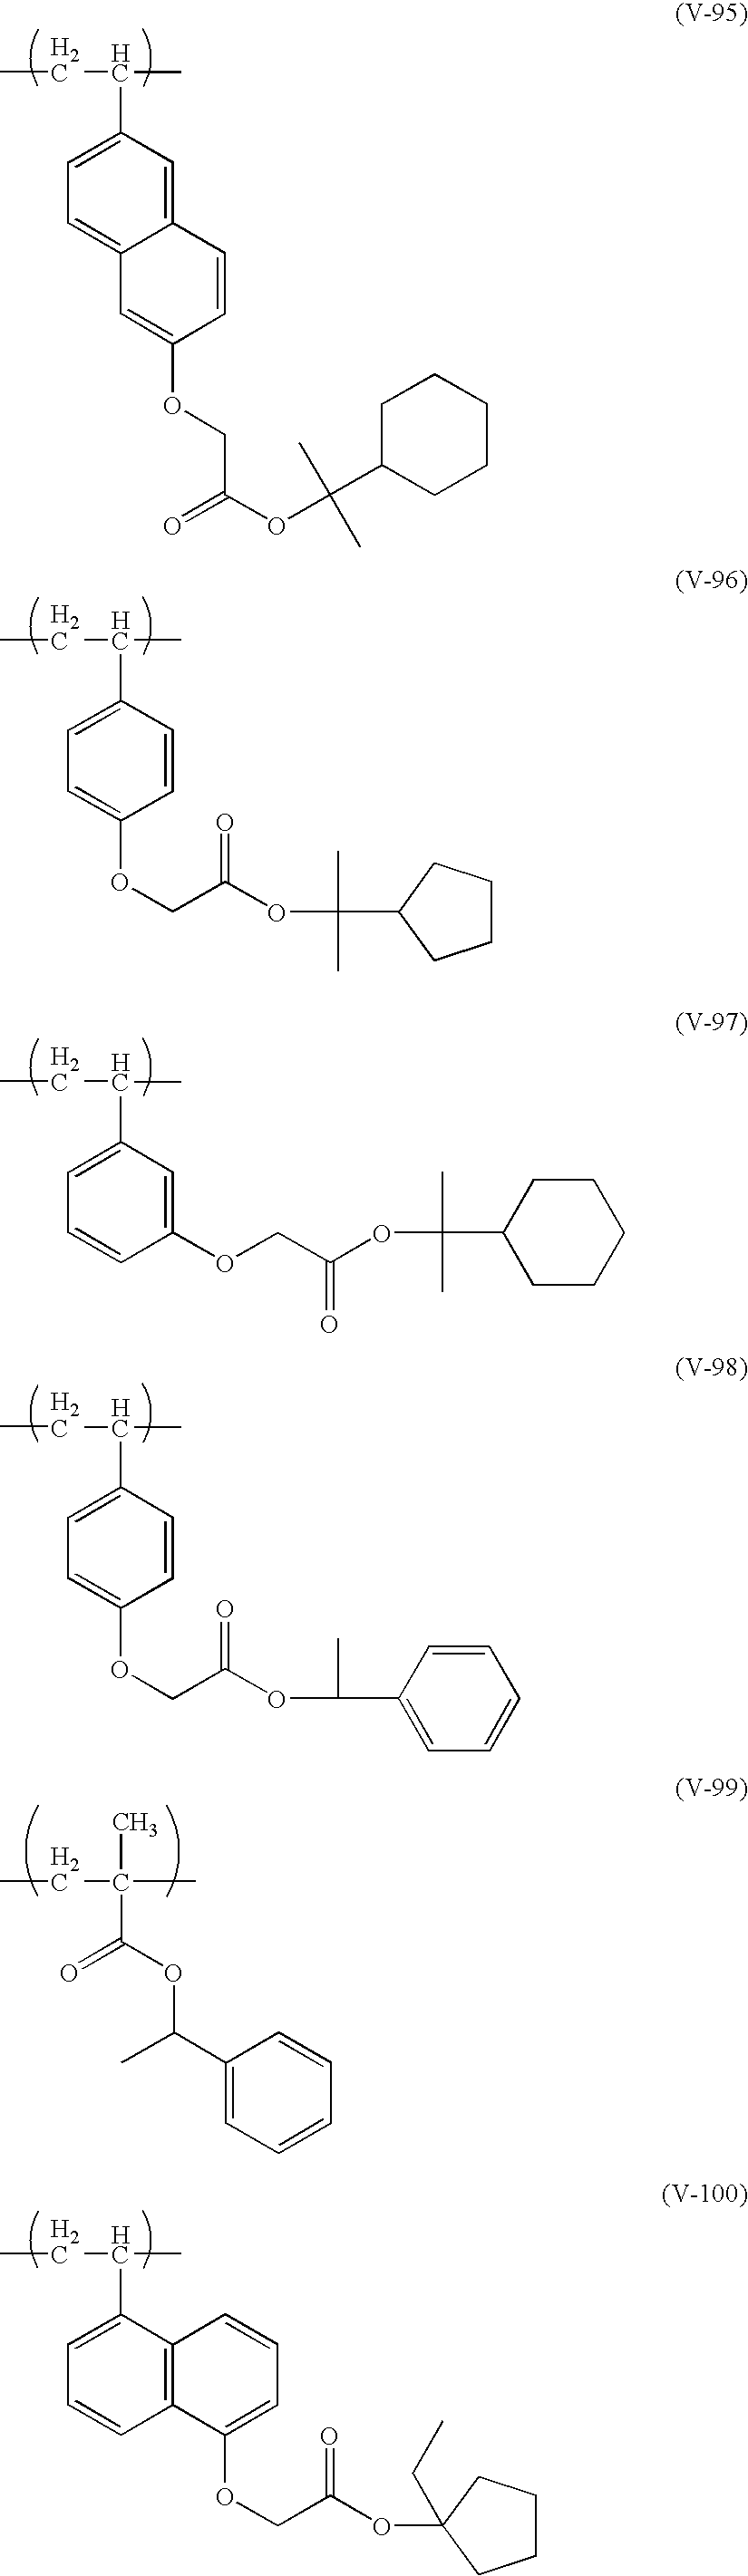 Figure US08852845-20141007-C00125